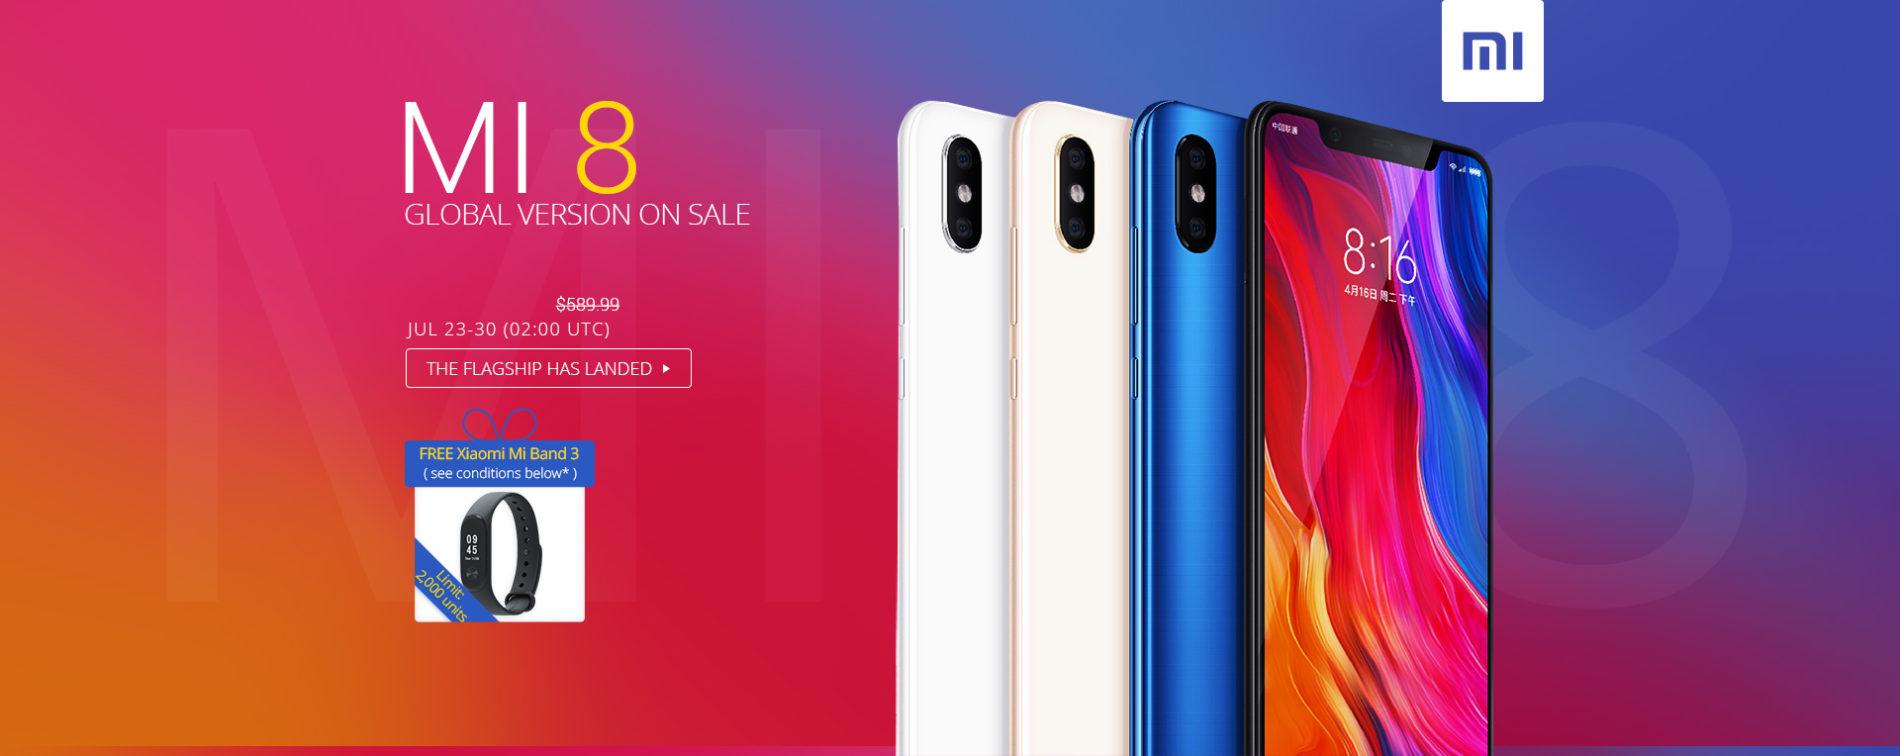 Promocja na produkty Xiaomi. Smartfon z opaską monitorującą gratis.